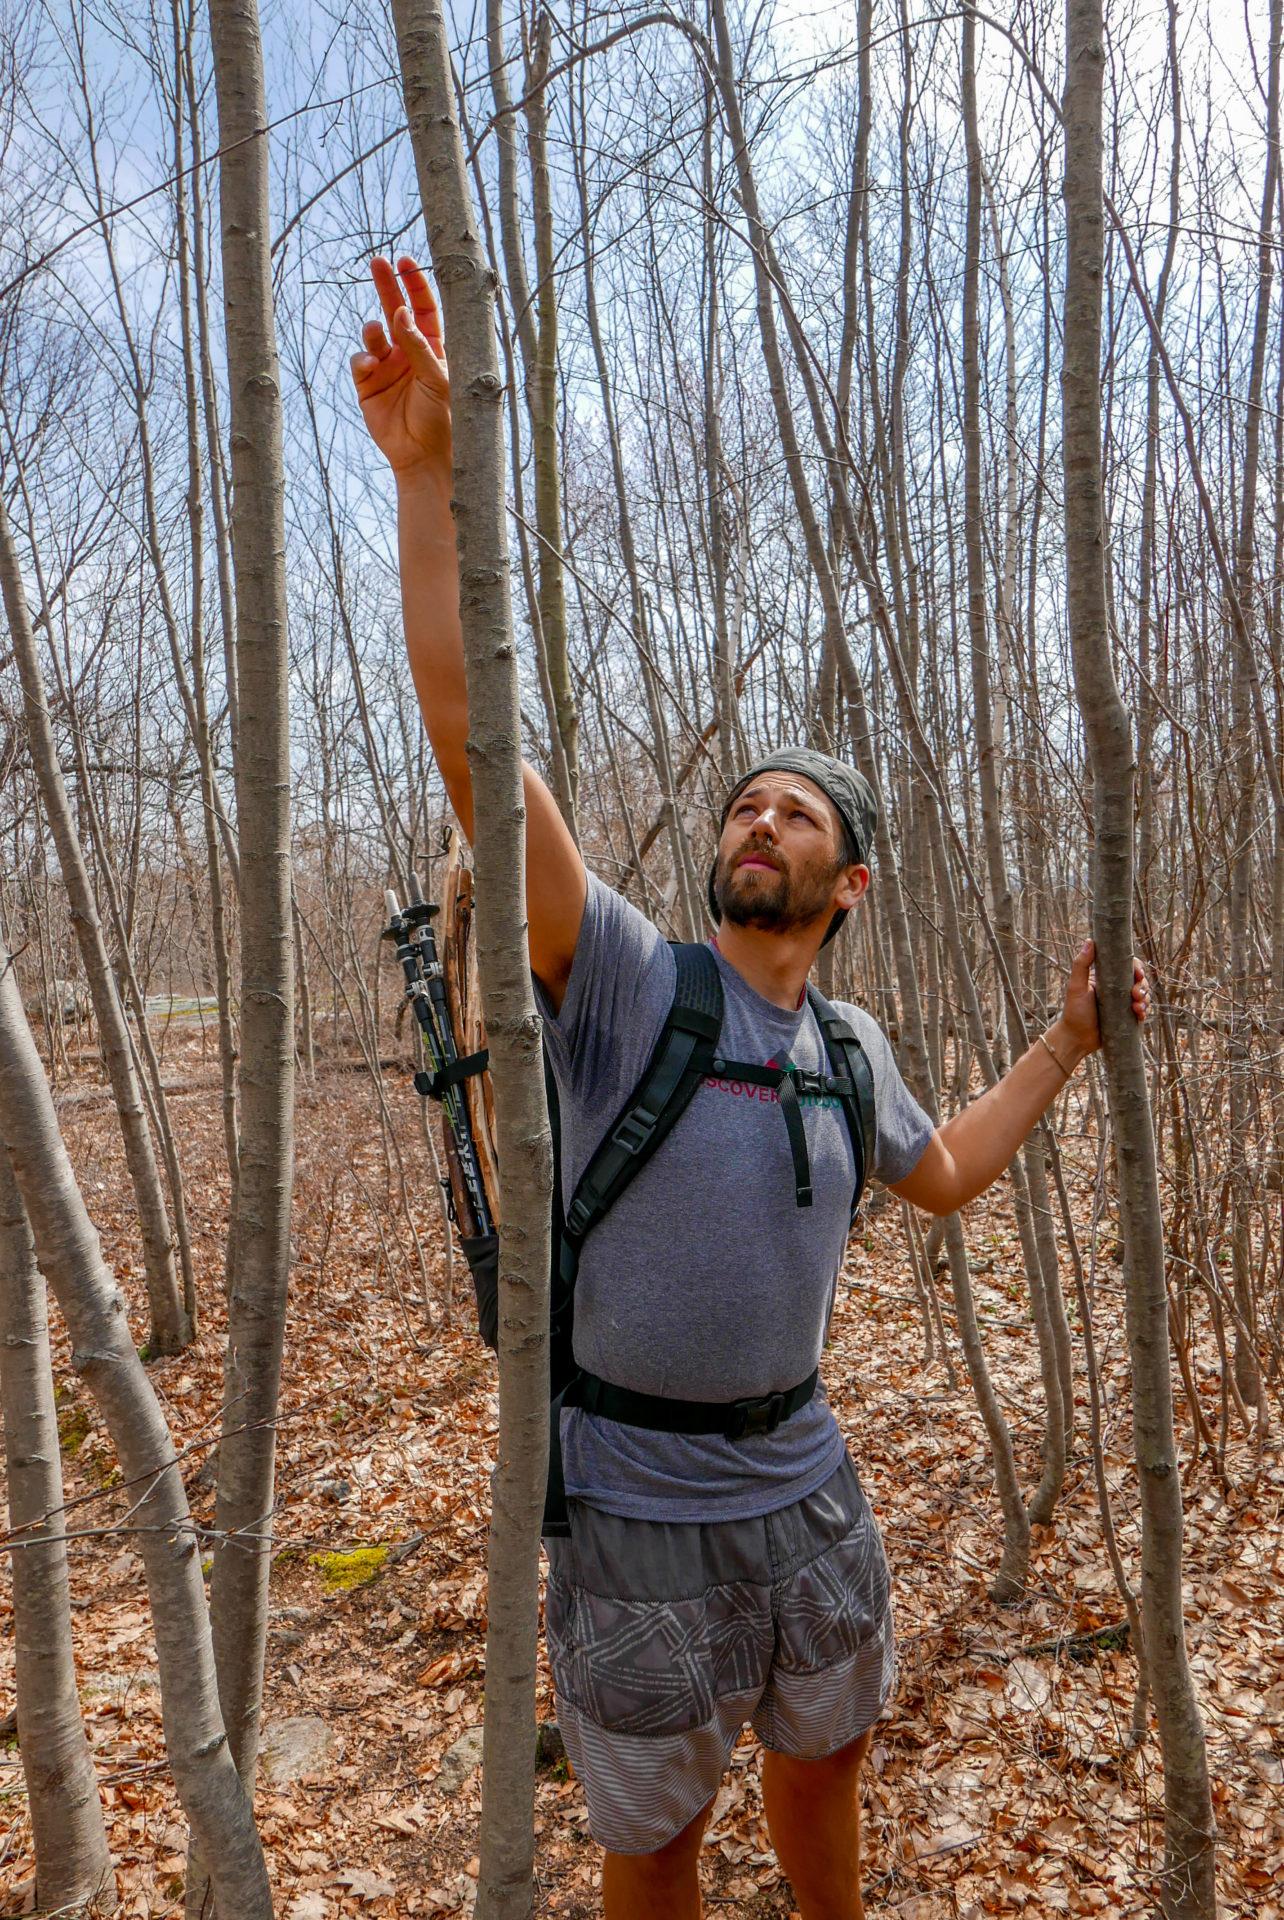 Zach grabs some birch sap to taste